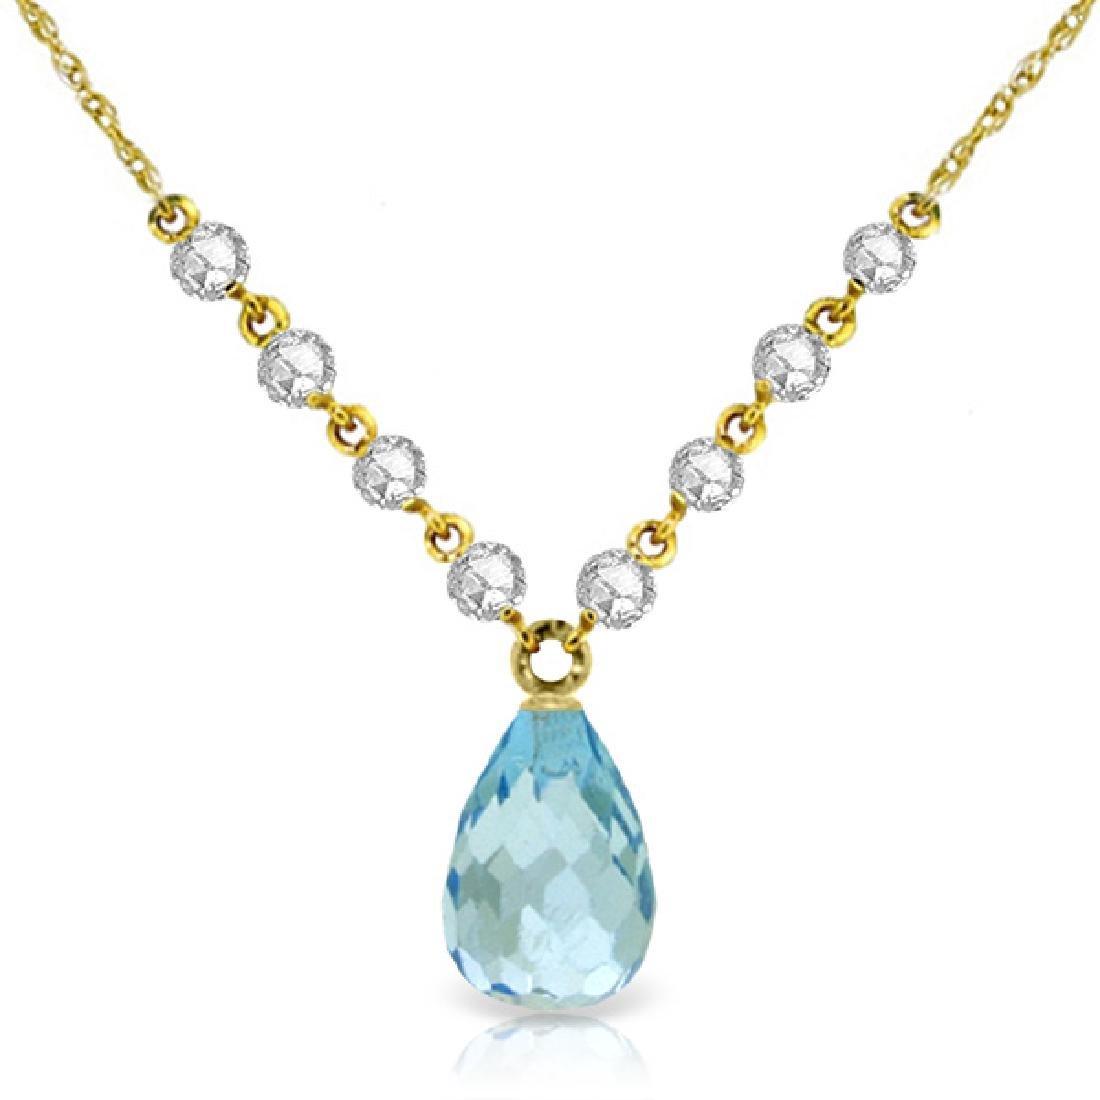 Genuine 11.30 ctw Blue Topaz & Diamond Necklace Jewelry